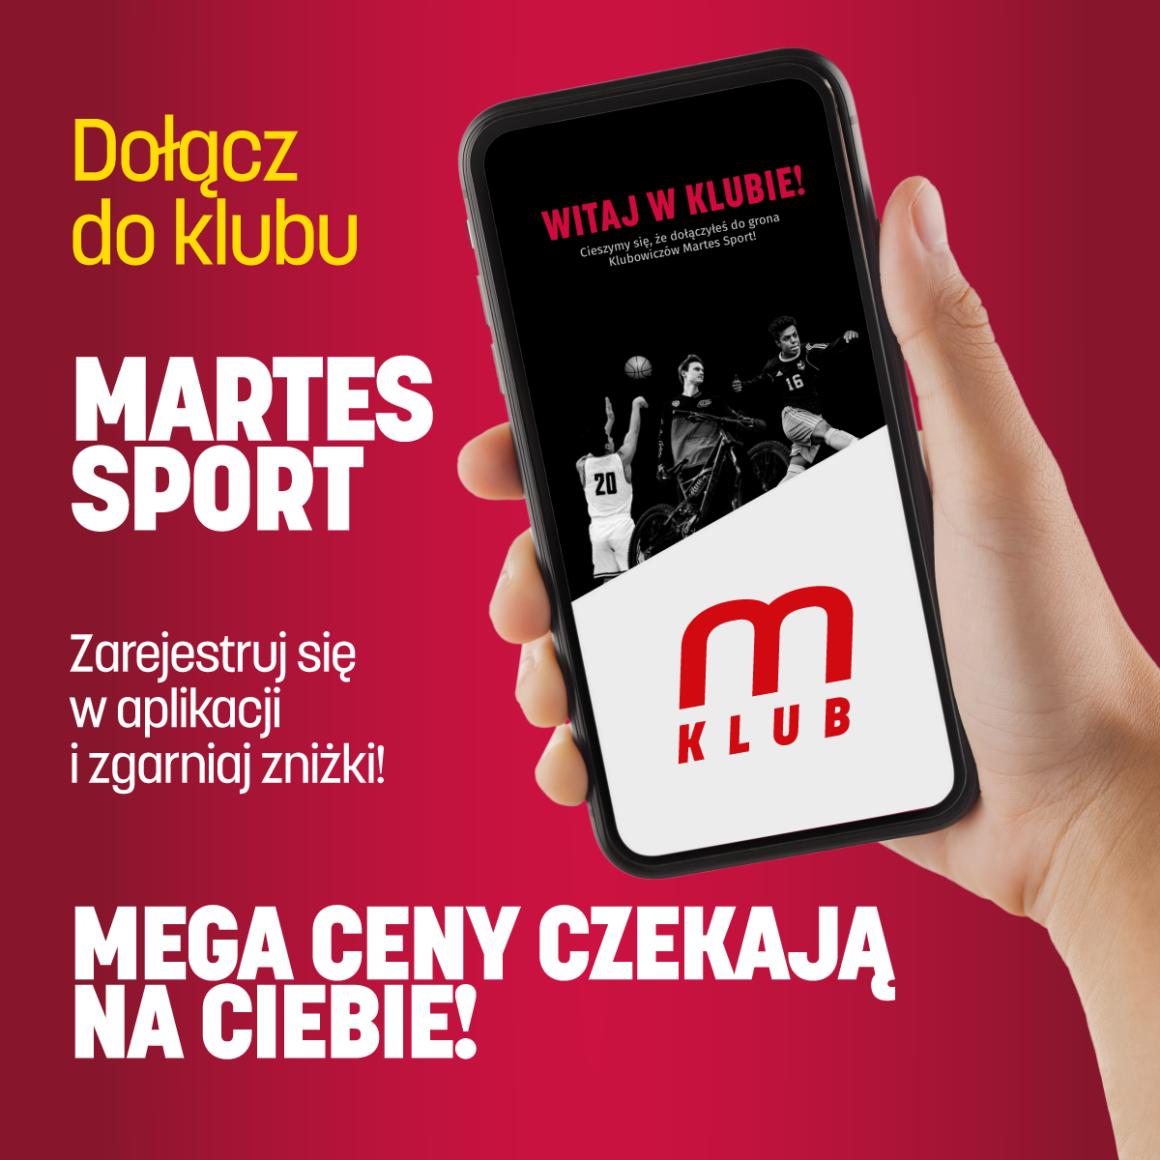 Dołącz do Klubu Martes Sport!